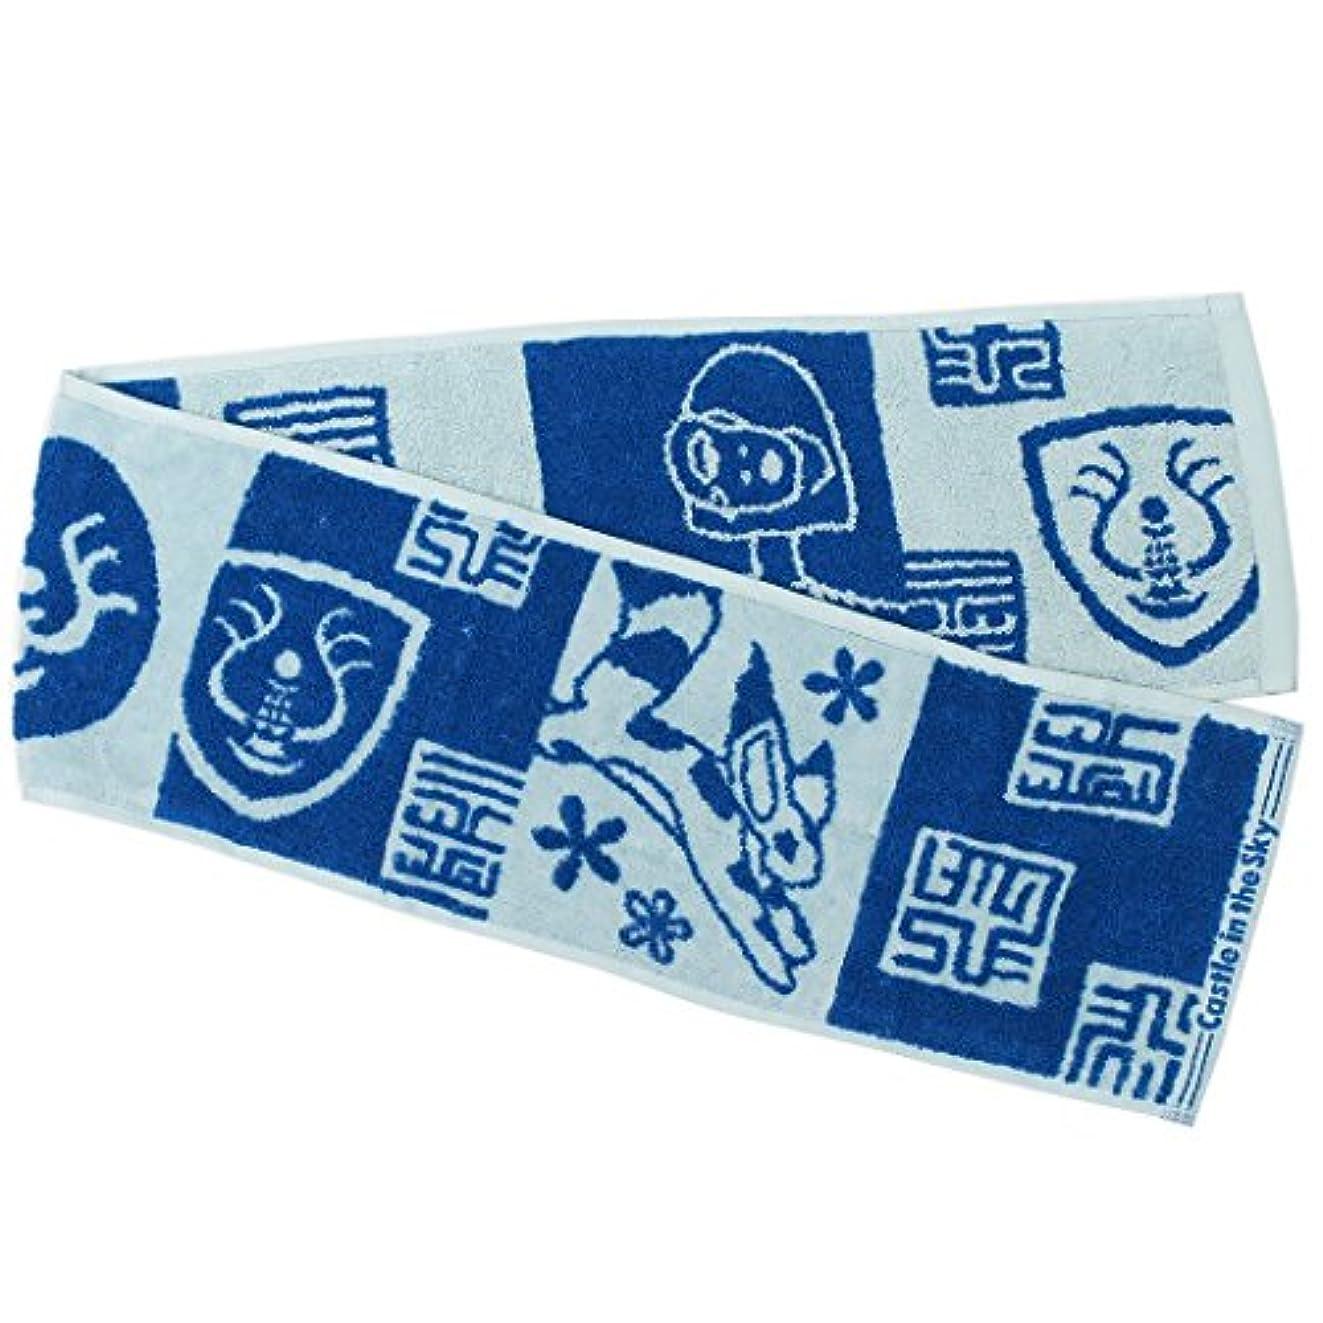 違法毛布説得力のある丸眞 マフラータオル ジブリ 天空の城ラピュタ 約18×110cm 青い紋章 1005021200